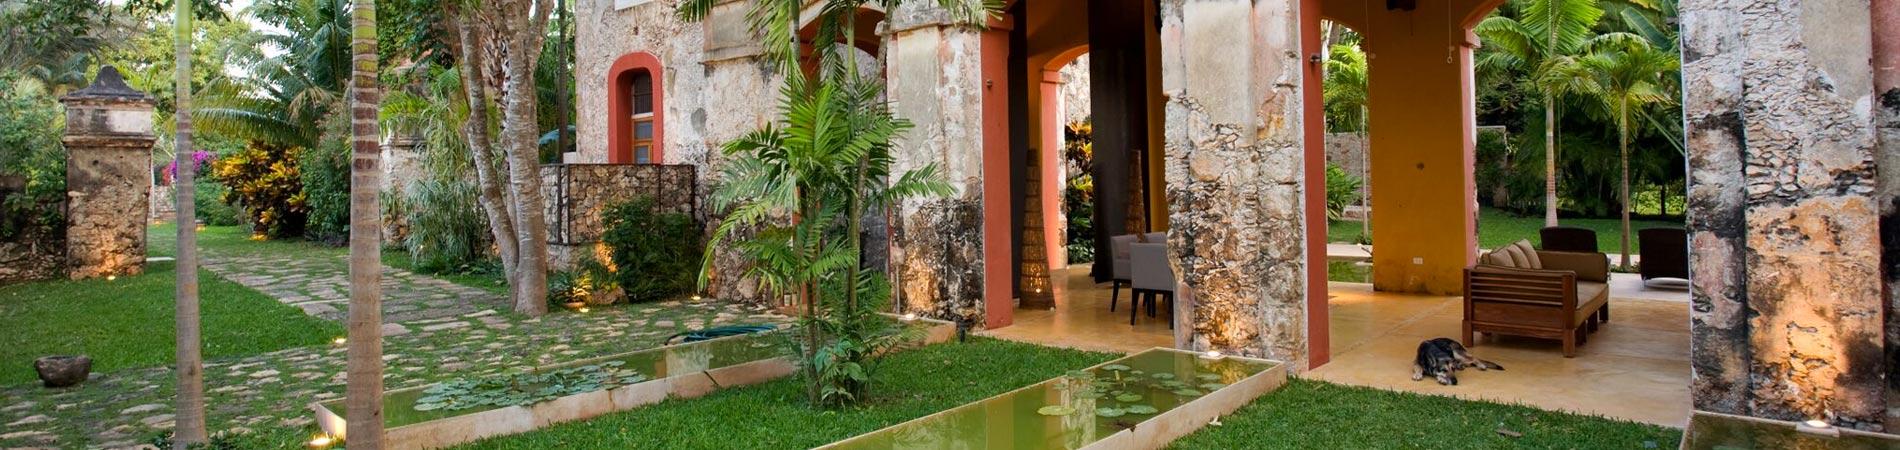 Yucatan Luxury Villas